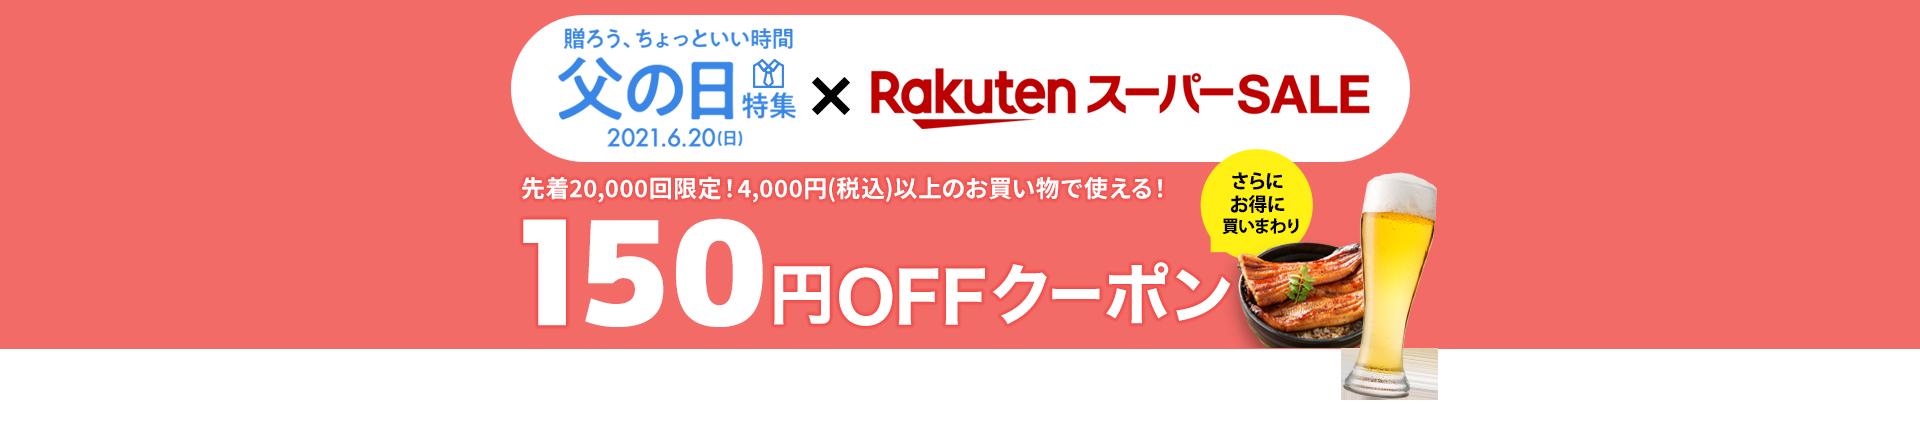 楽天スーパーSALE期間中に使える150円OFFクーポン